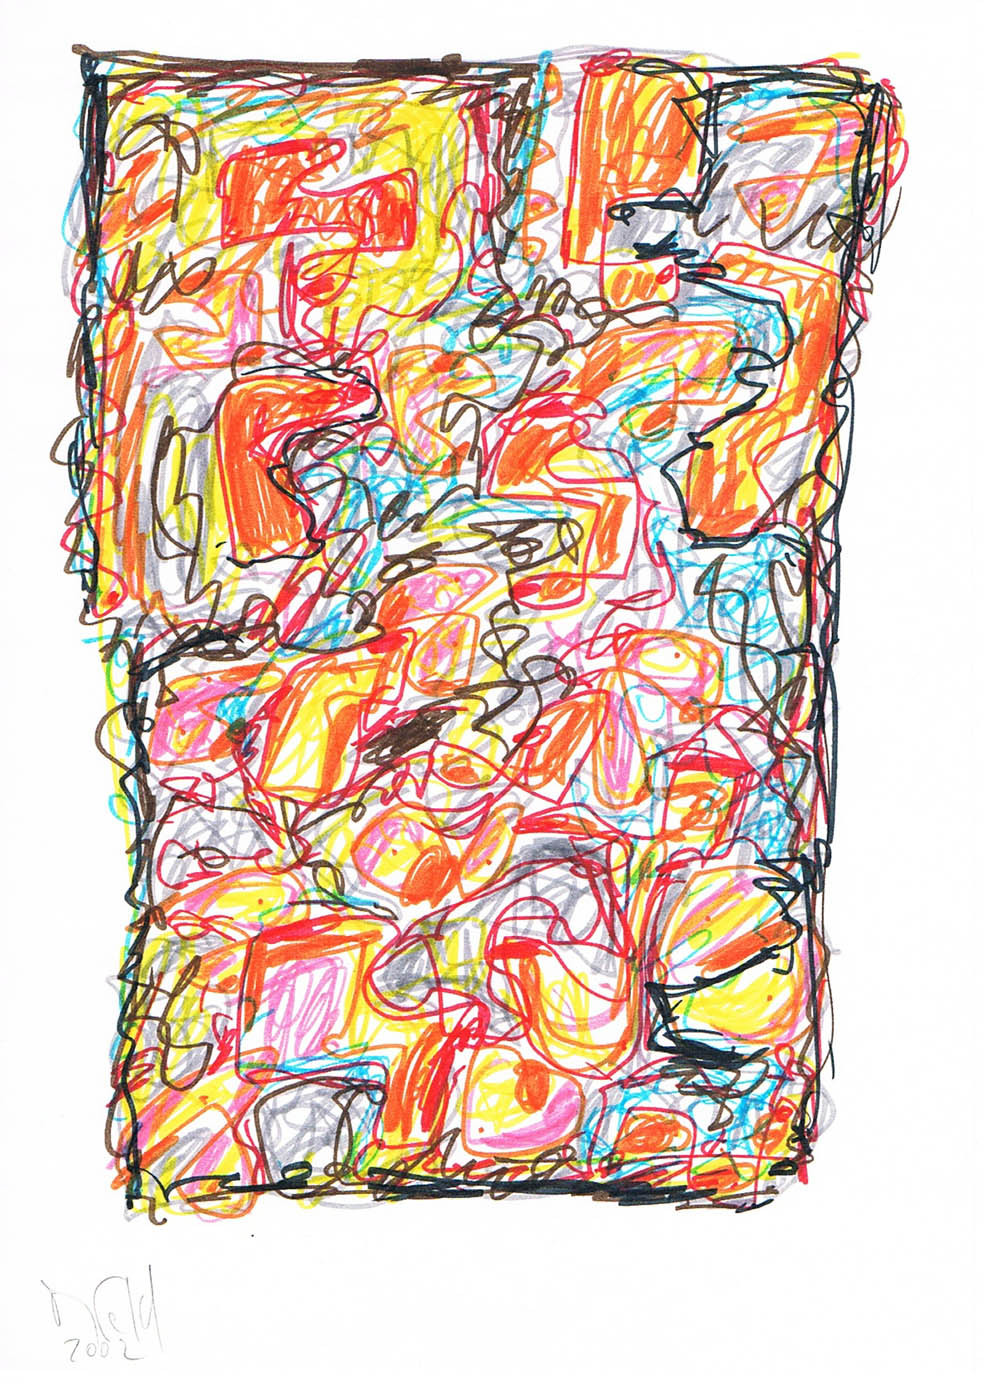 MARC FELD 2002 VOLIÈRE 3 Stylo feutre sur papier 21 x 29,7 cm